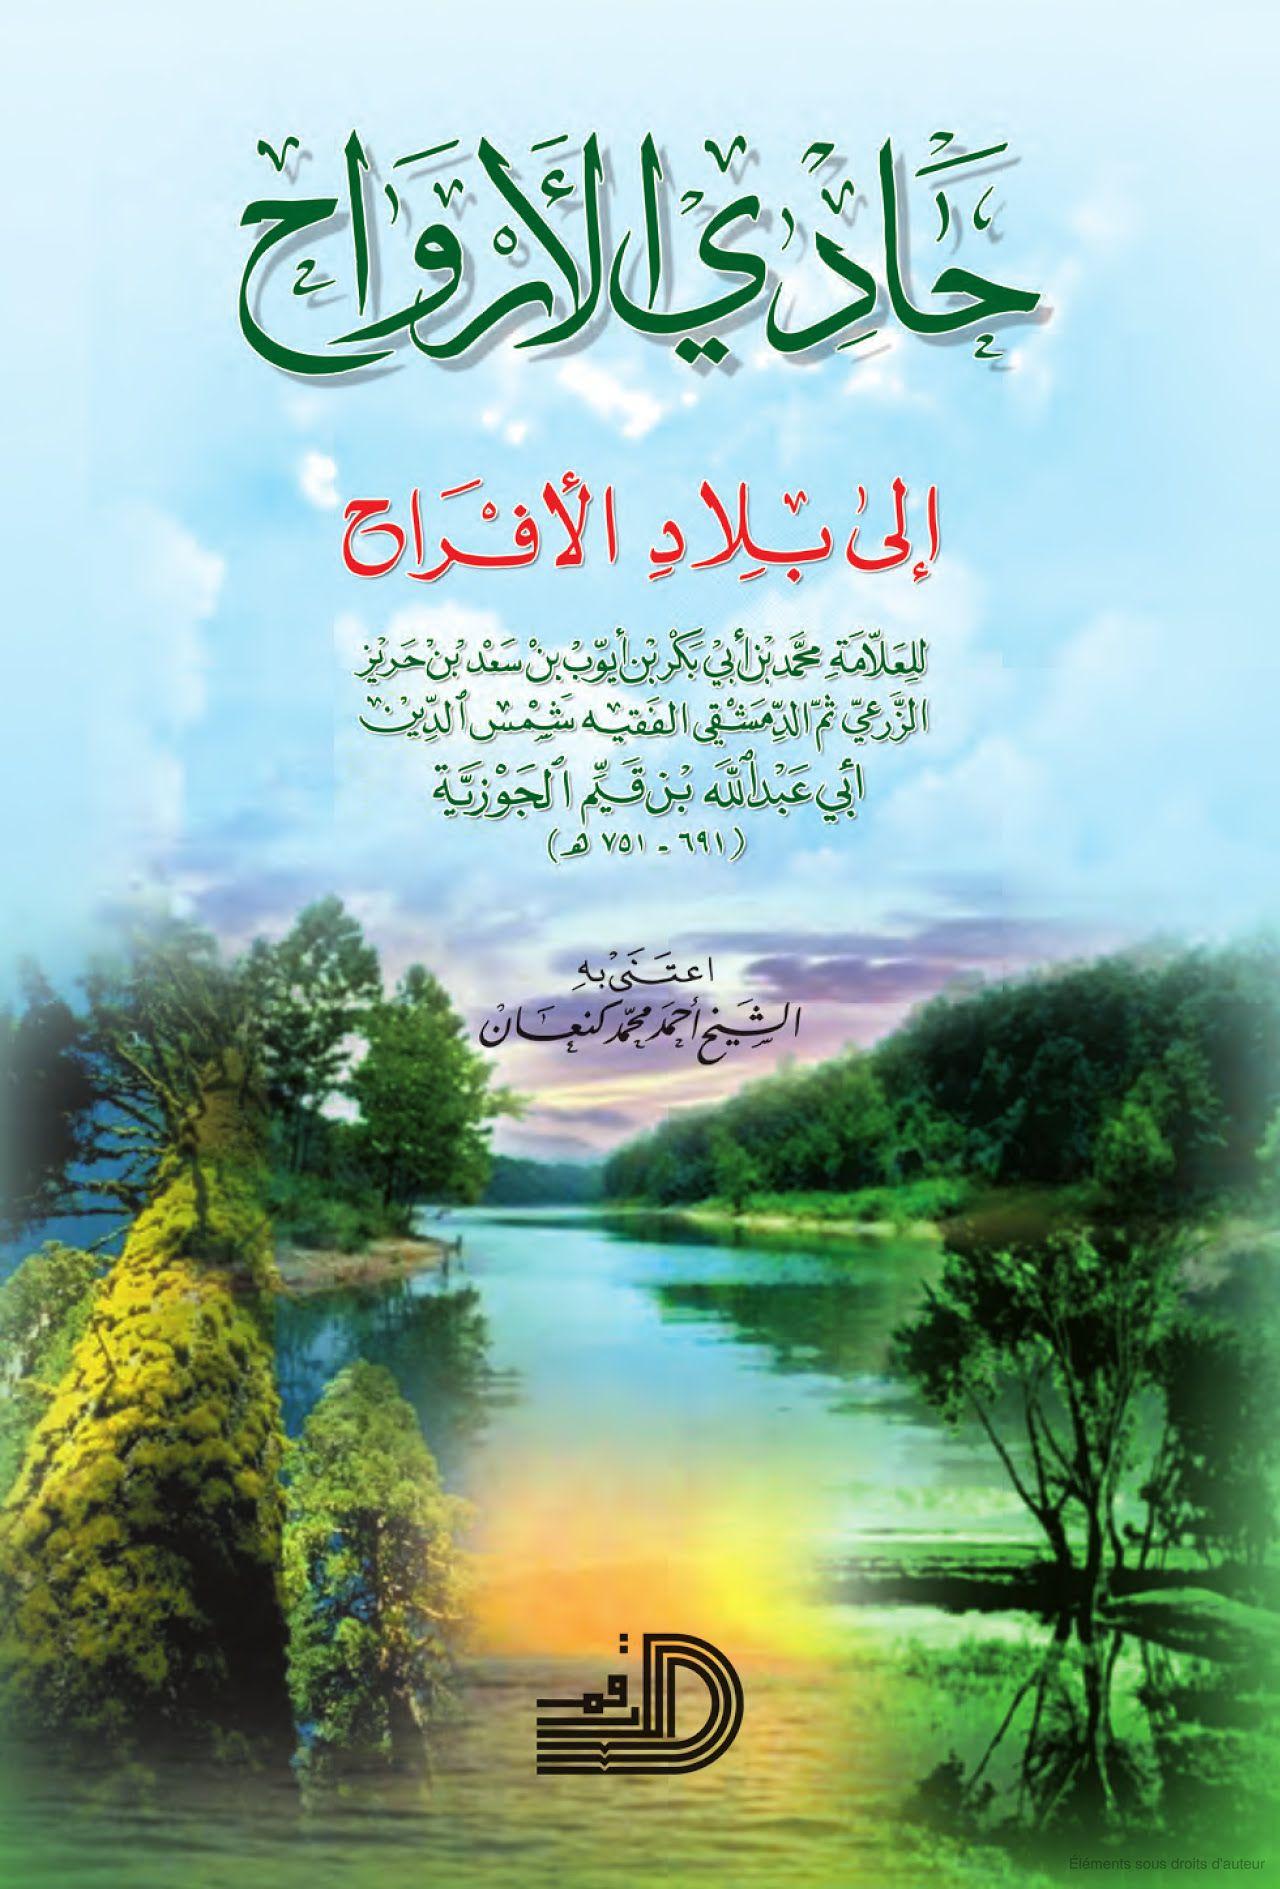 كتاب حادي الارواح الي بلاد الافراح